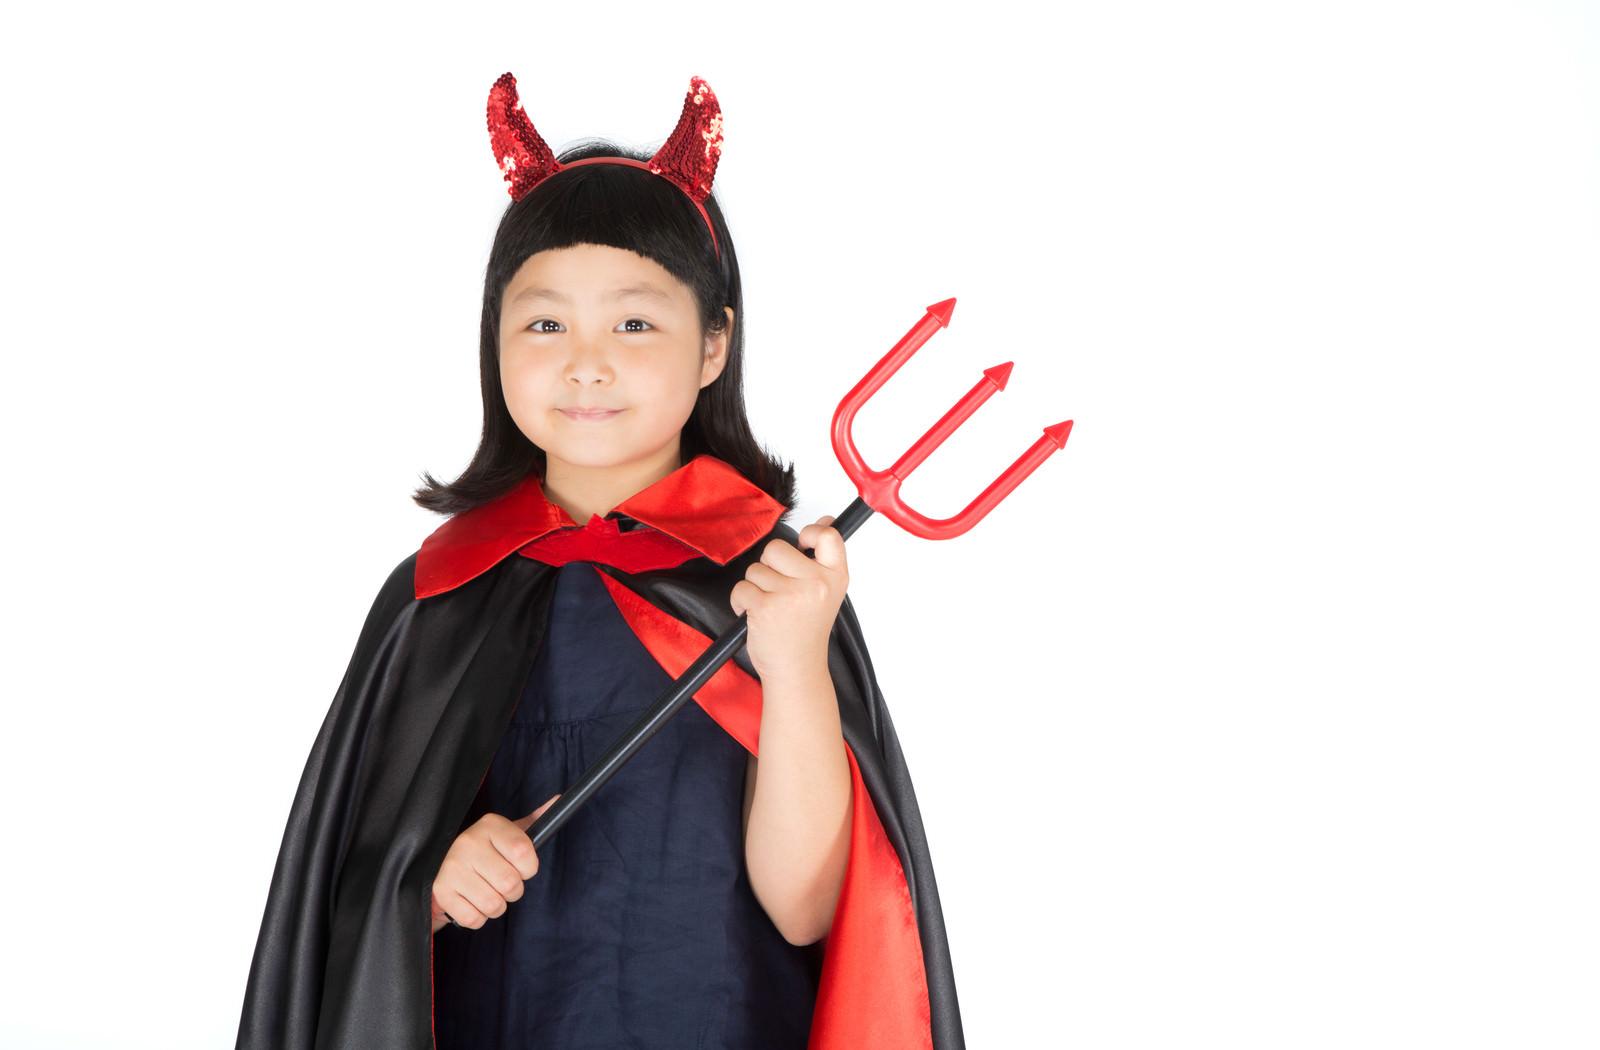 「ハロウィンの仮装が何よりの楽しみな娘」の写真[モデル:ゆうき]